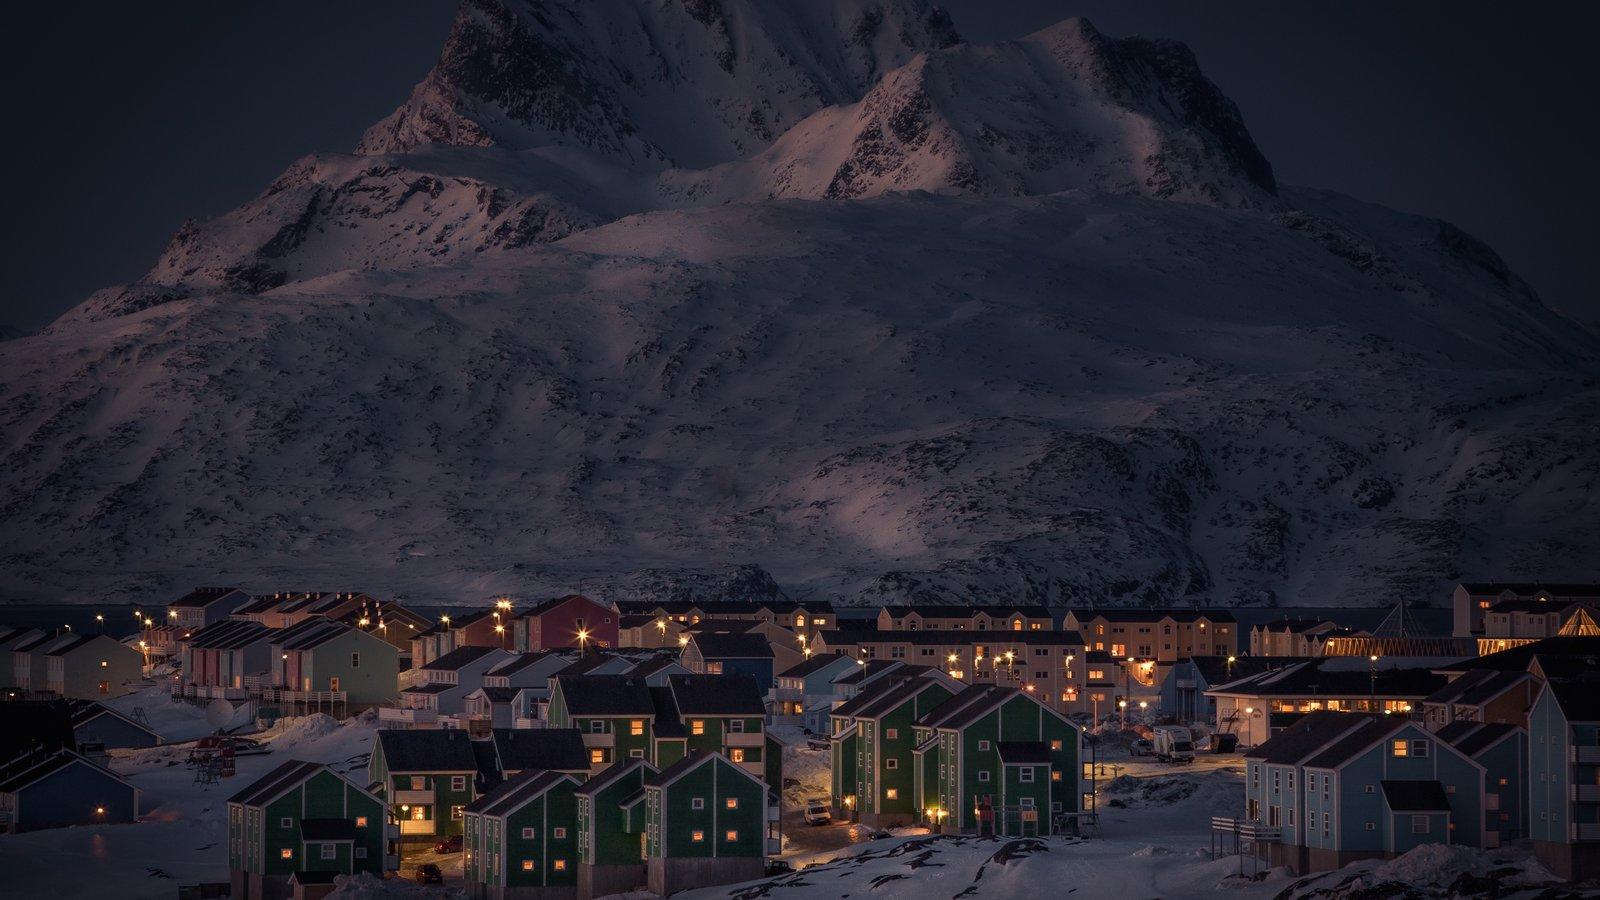 Nuuk que incluye nieve, escenas nocturnas y una ciudad